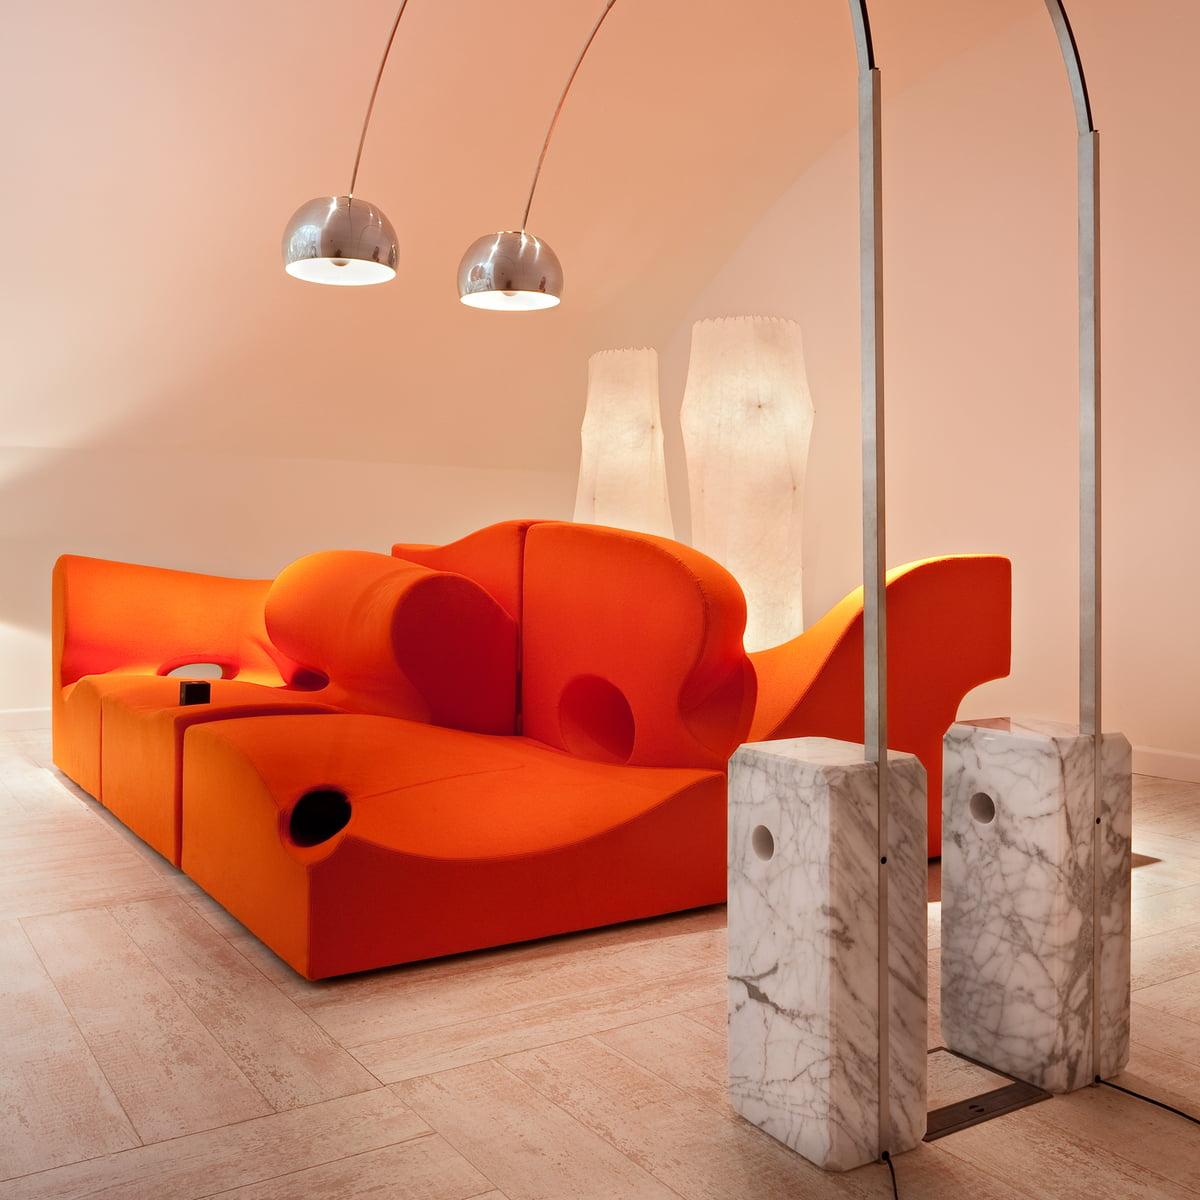 arco standard lamp for flos in the home design shop. Black Bedroom Furniture Sets. Home Design Ideas